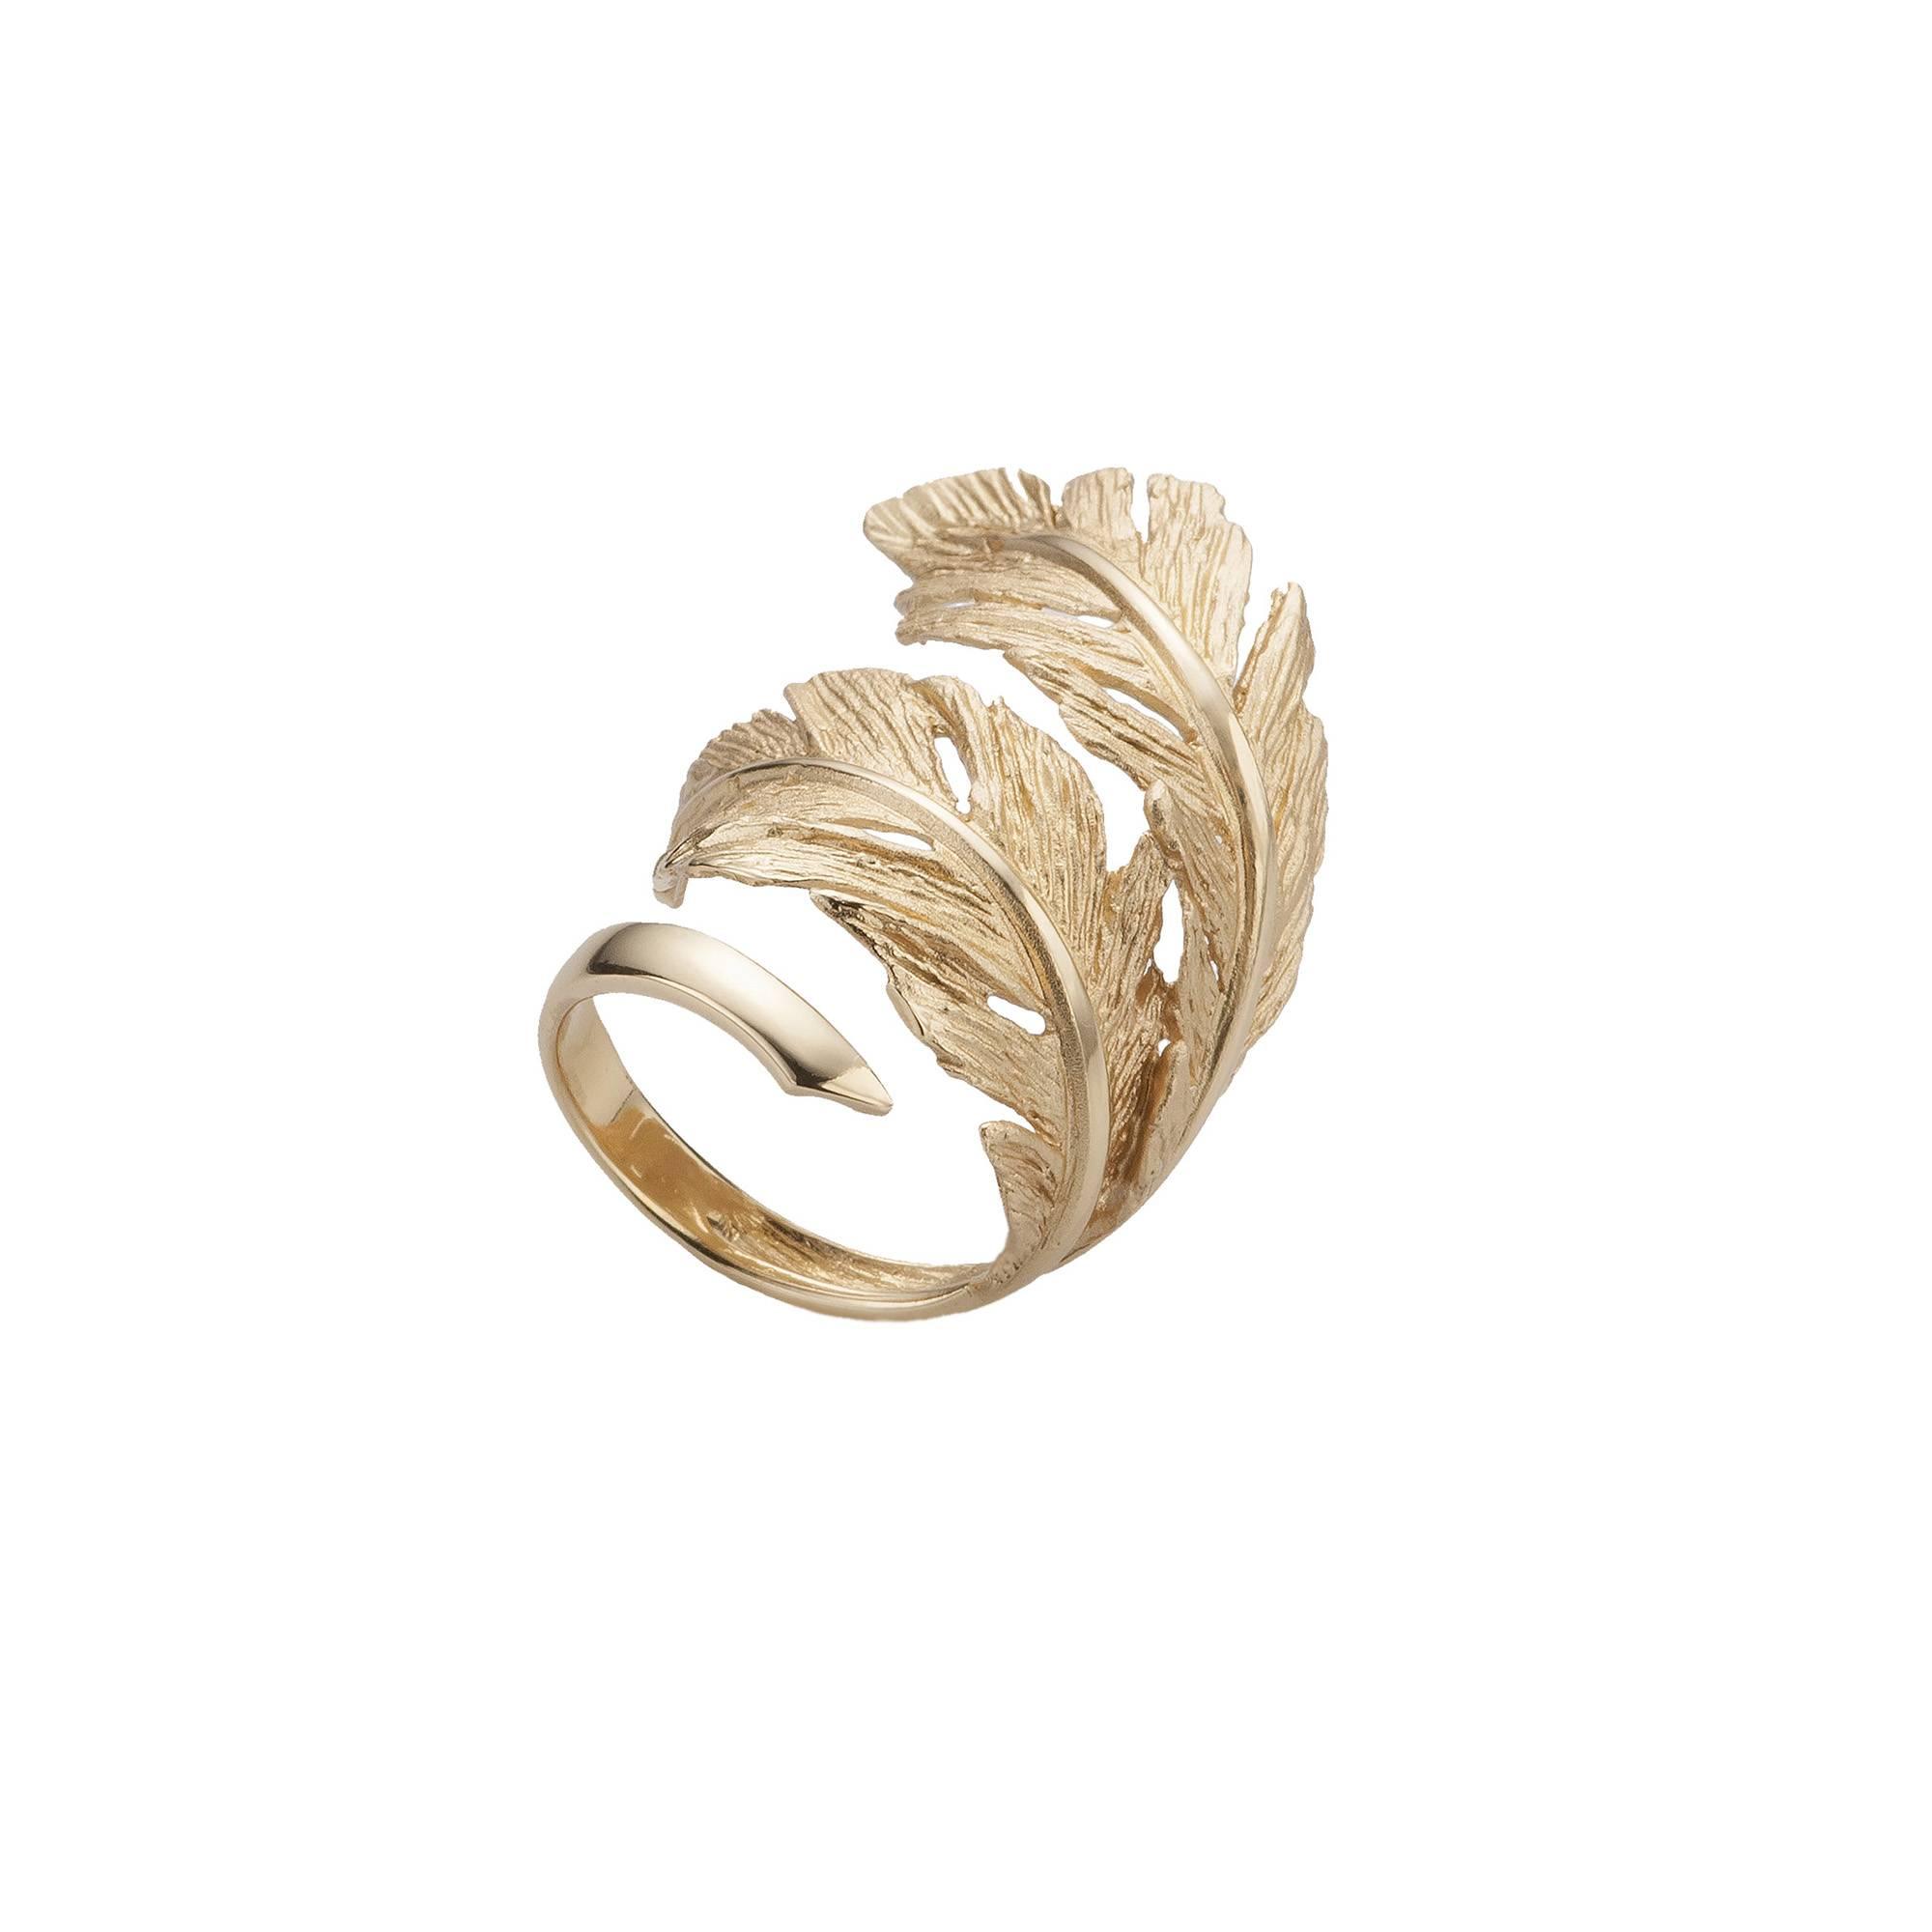 Кольцо Piuma mite из серебра 925 с покрытием желтым золотом, фото